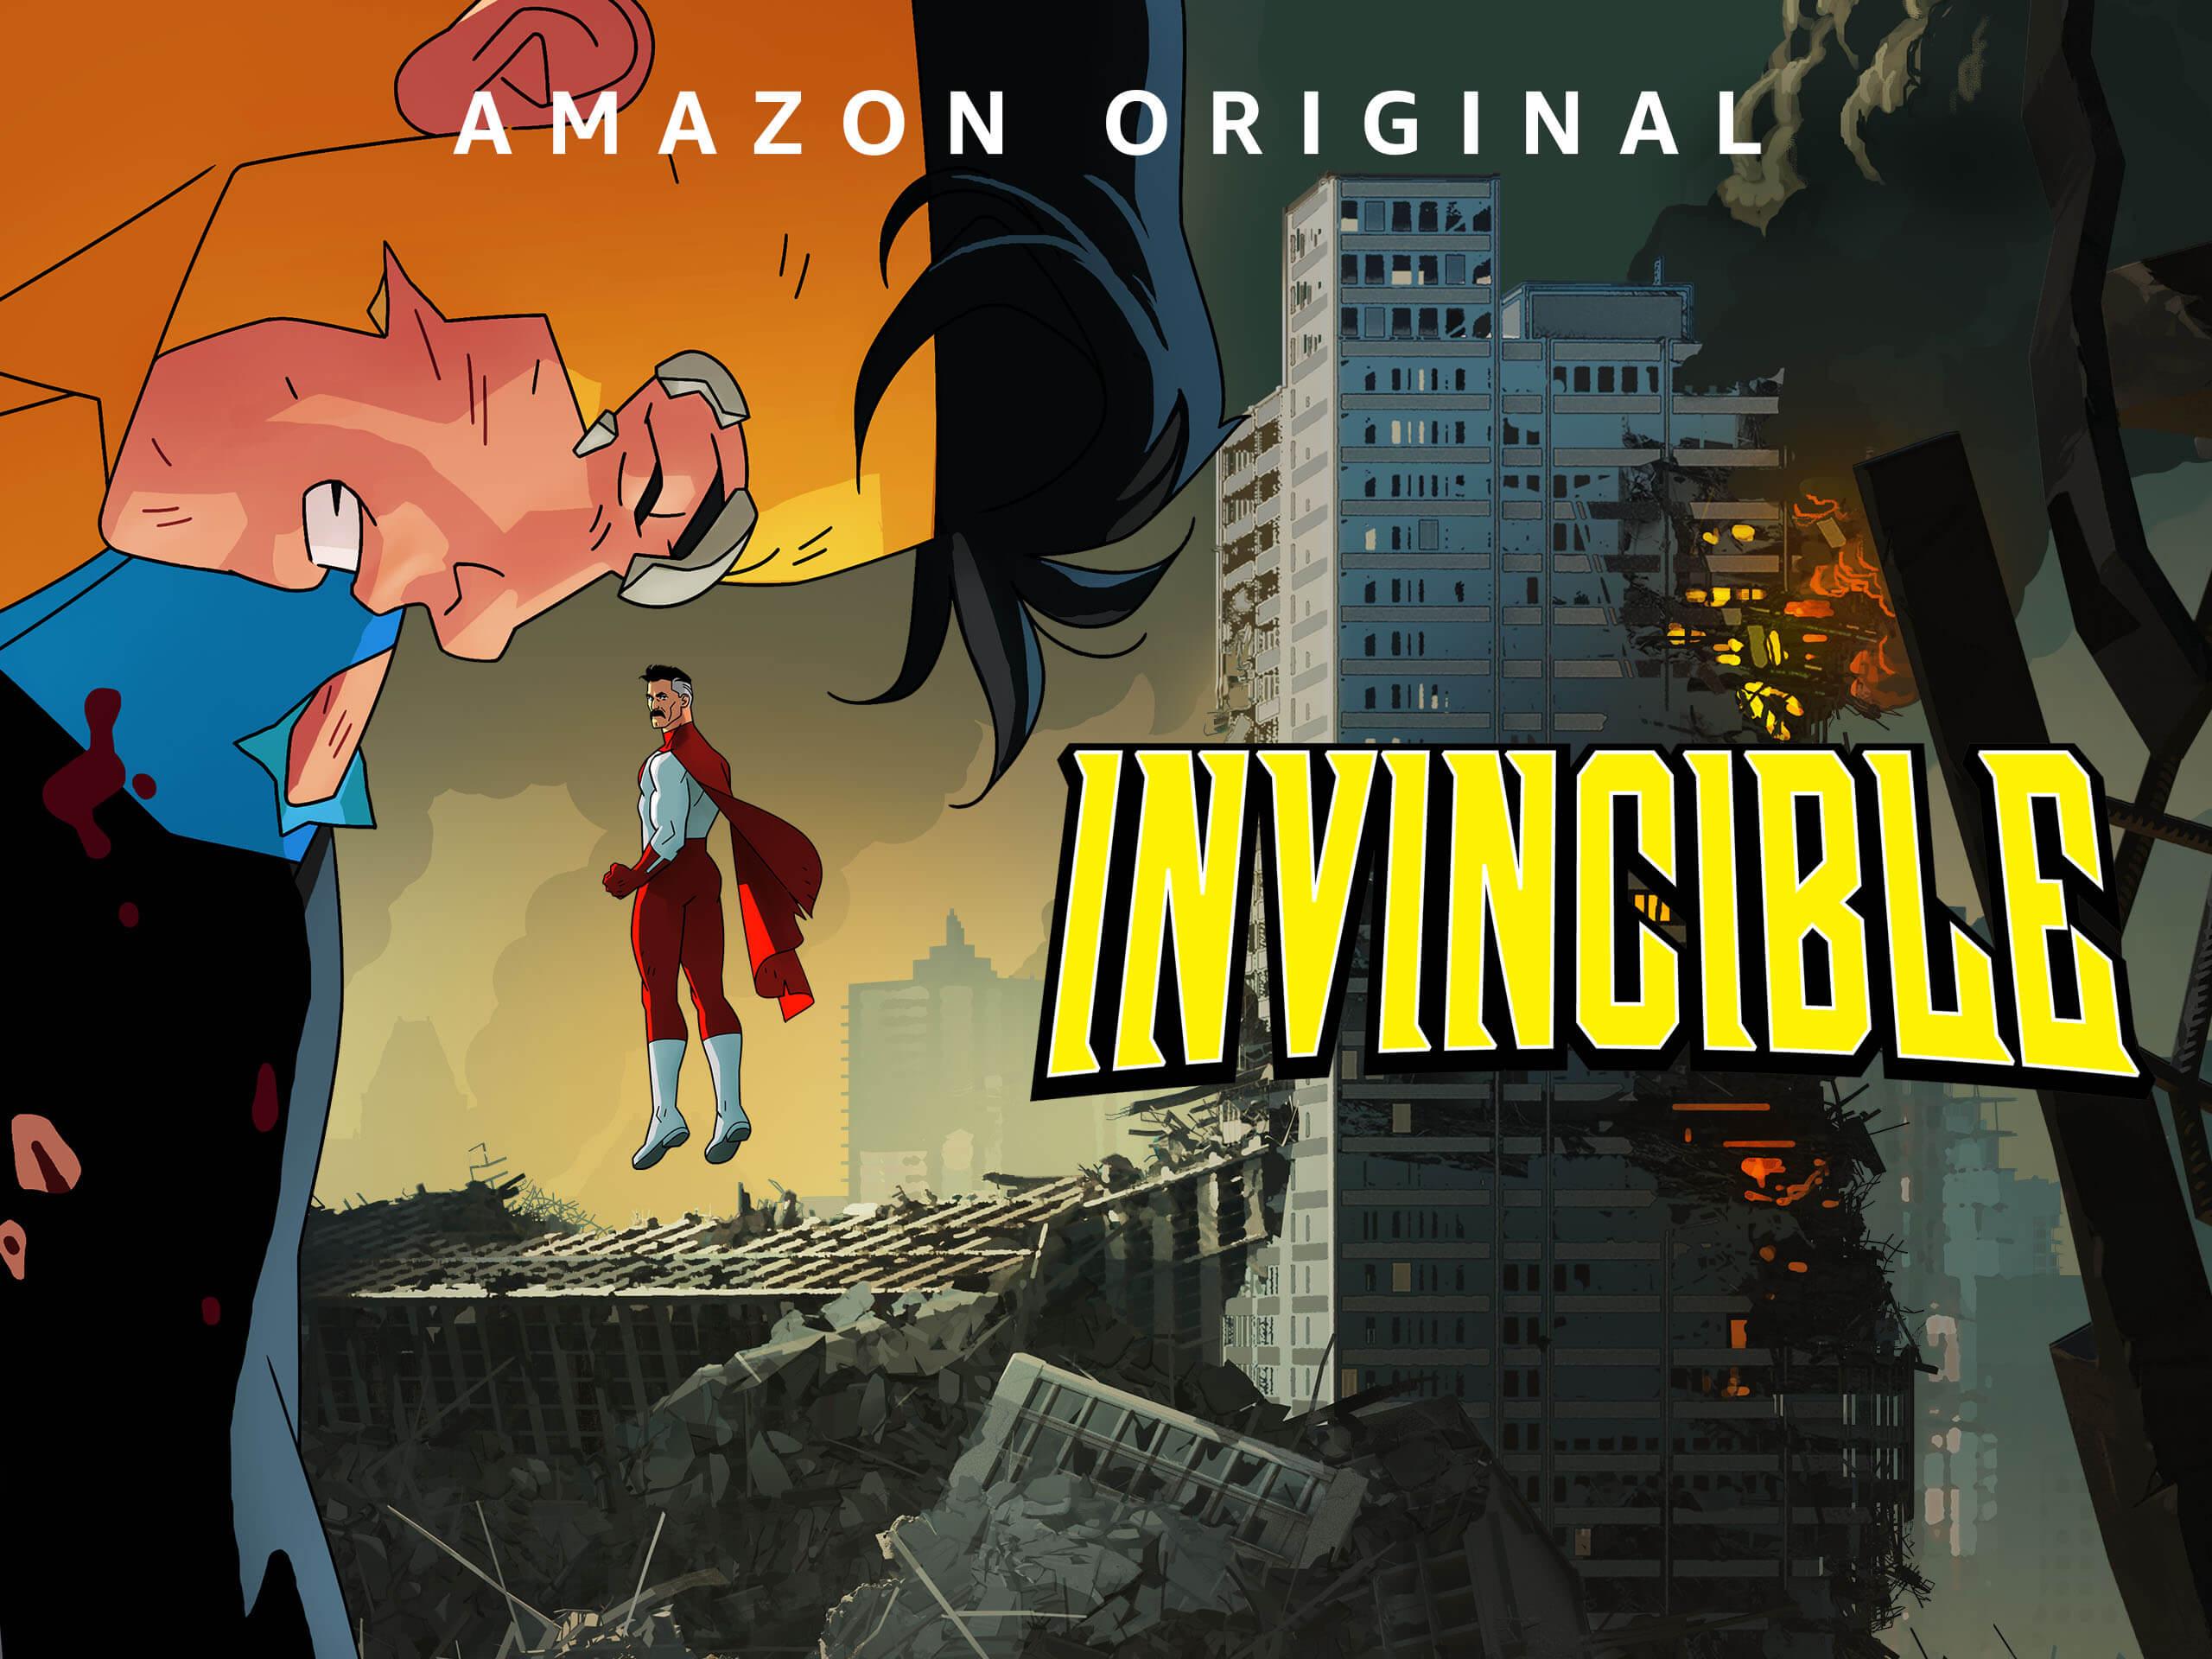 Publicidade Amazon